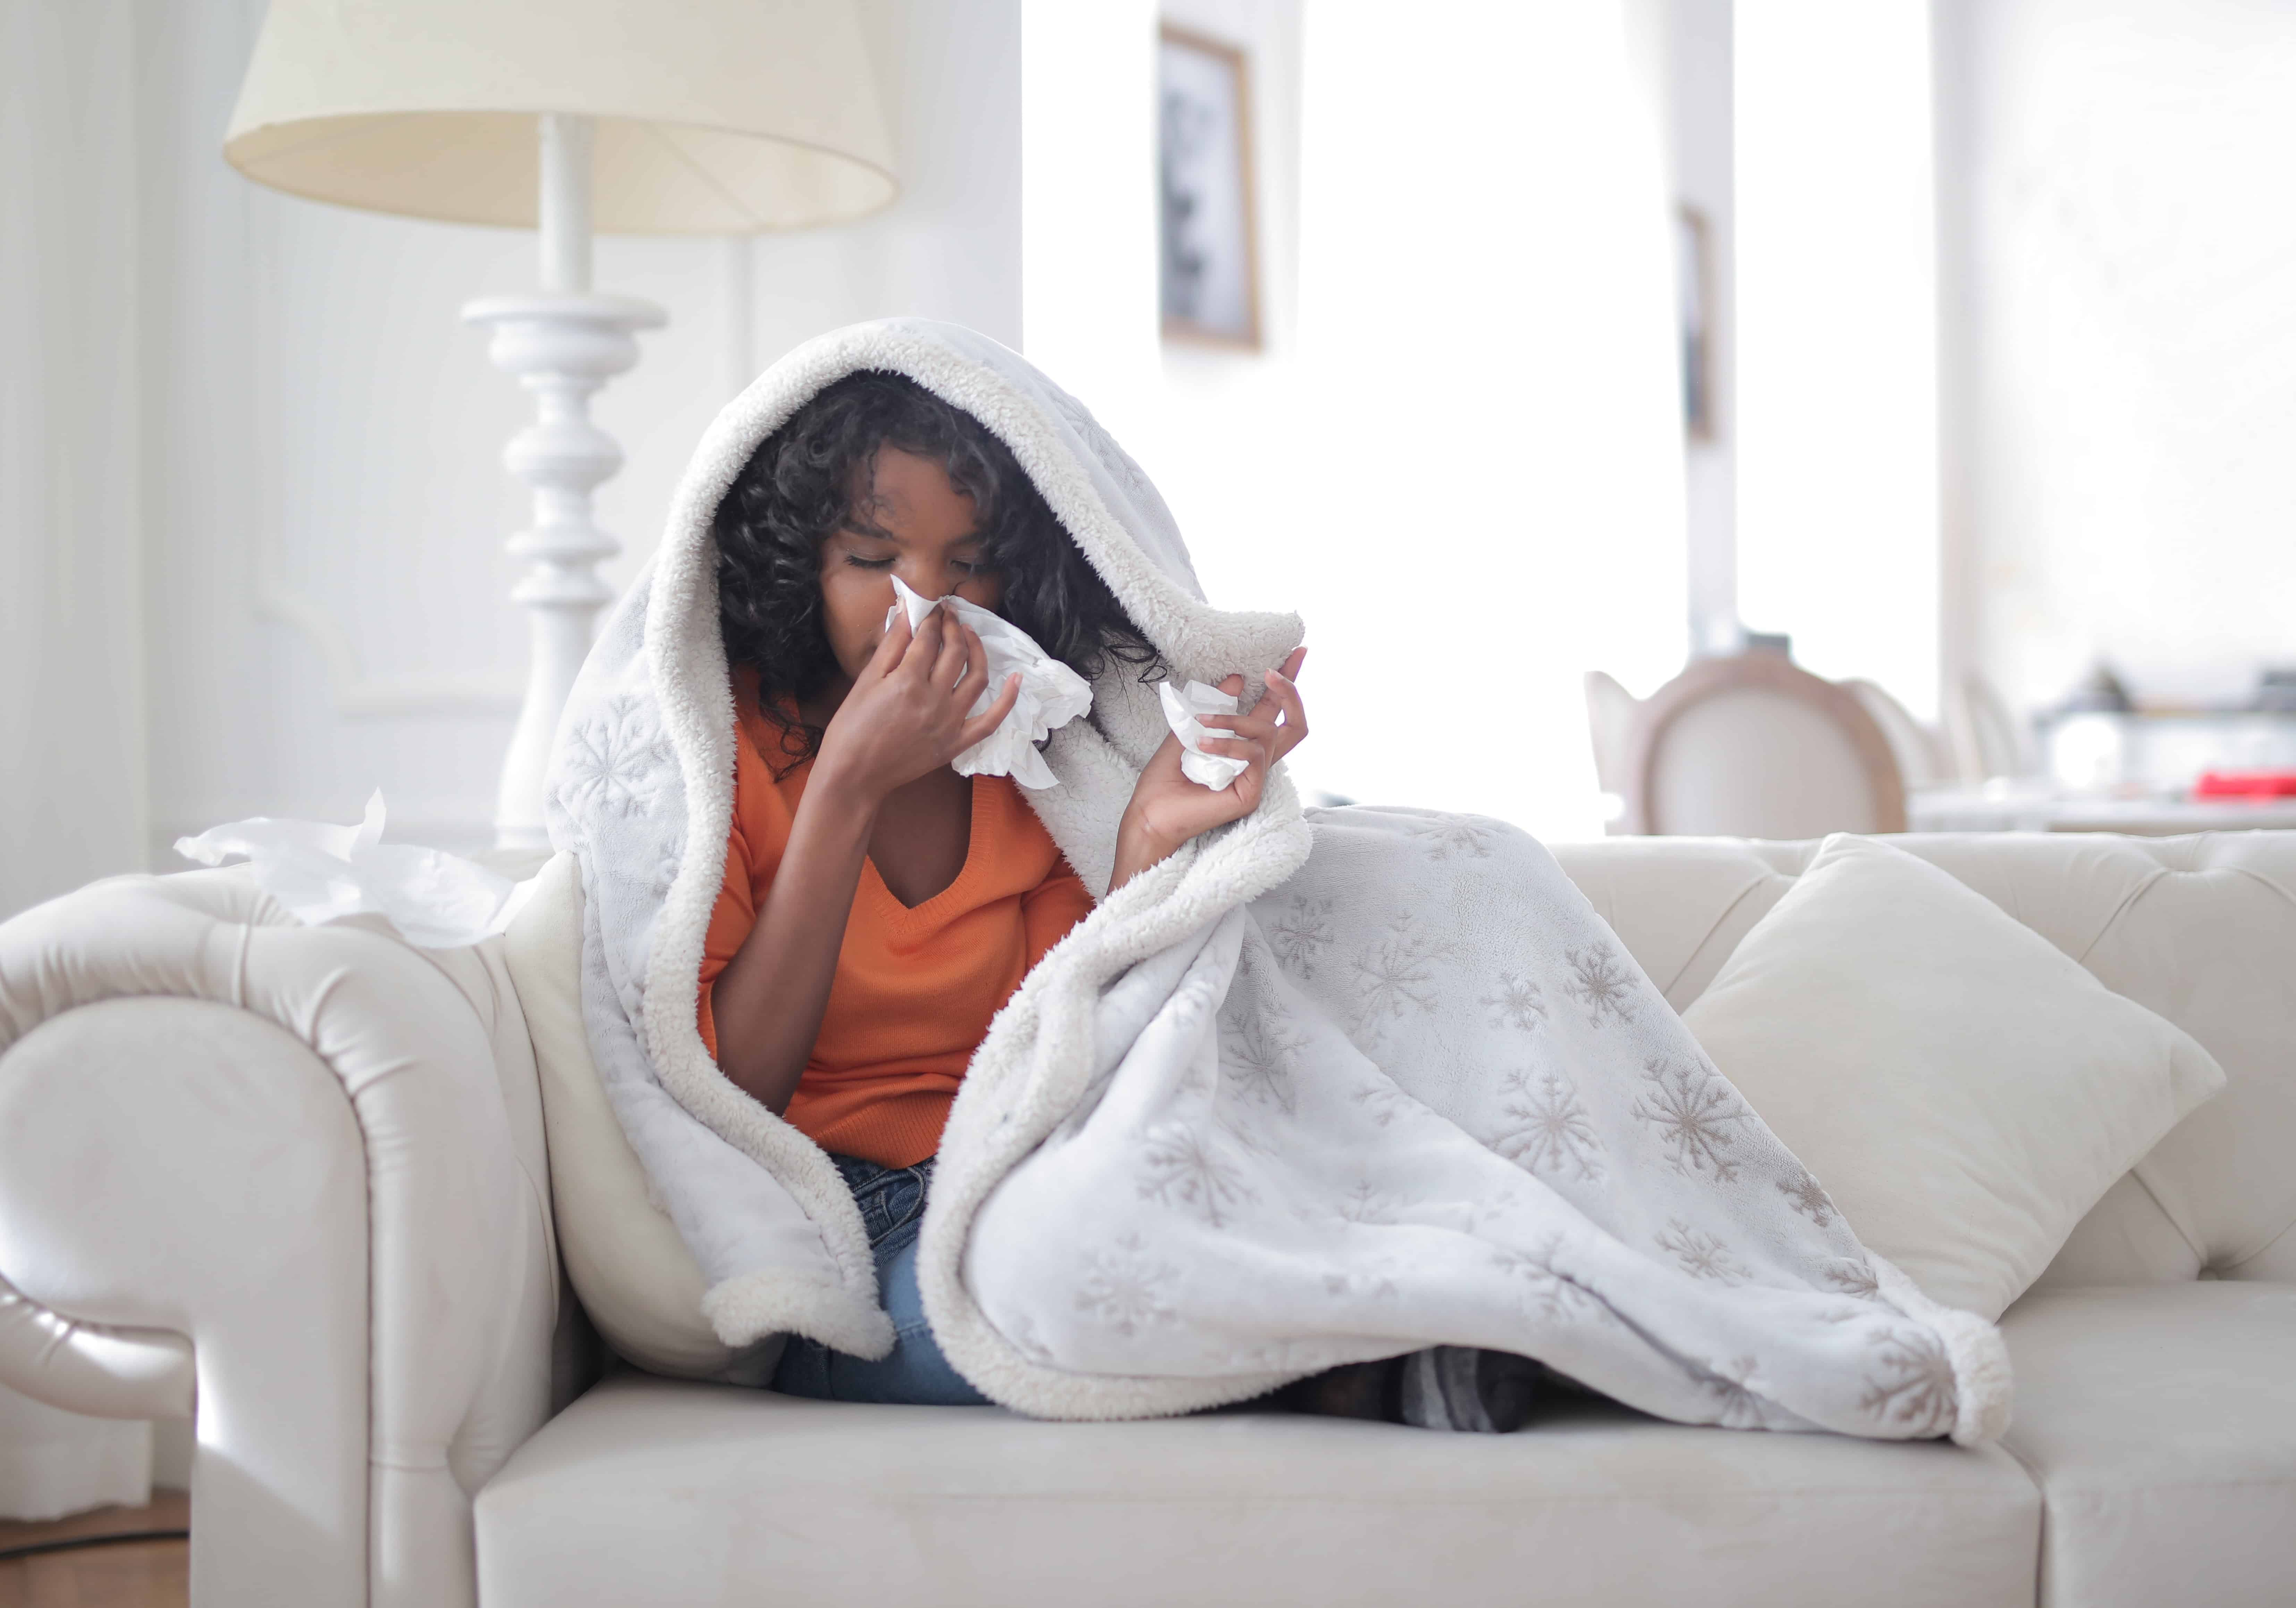 Frau auf Sofa unter Wolldecke putzt sich die Nase